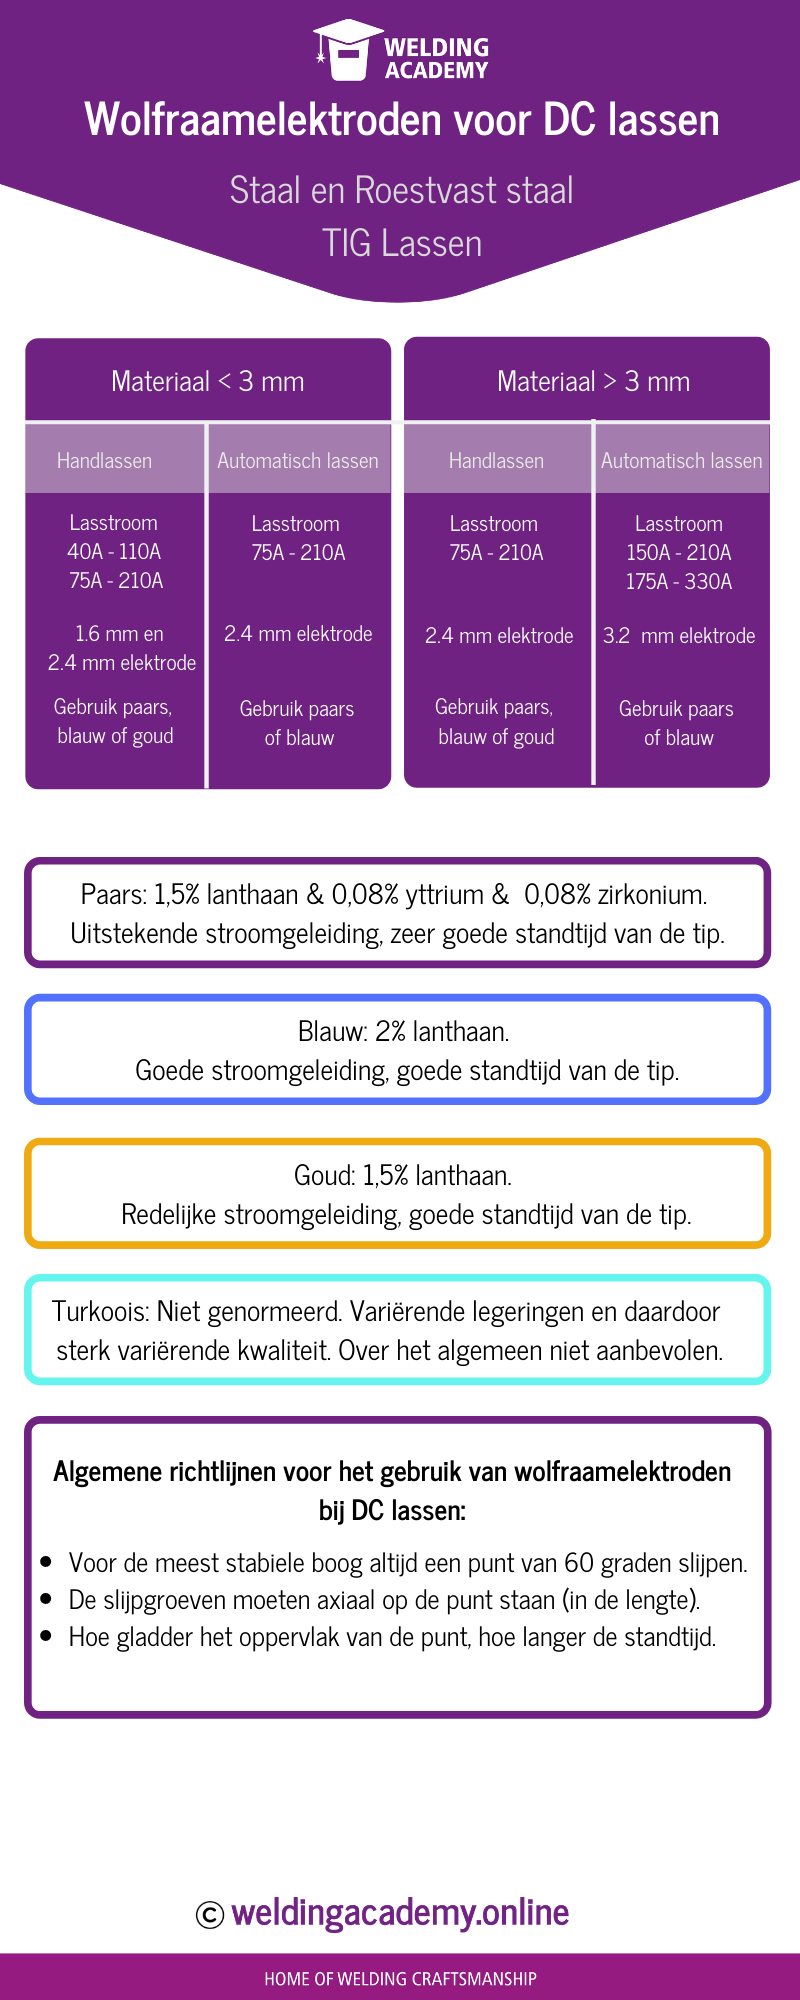 Infographic Wolfraamelektroden - DC lassen